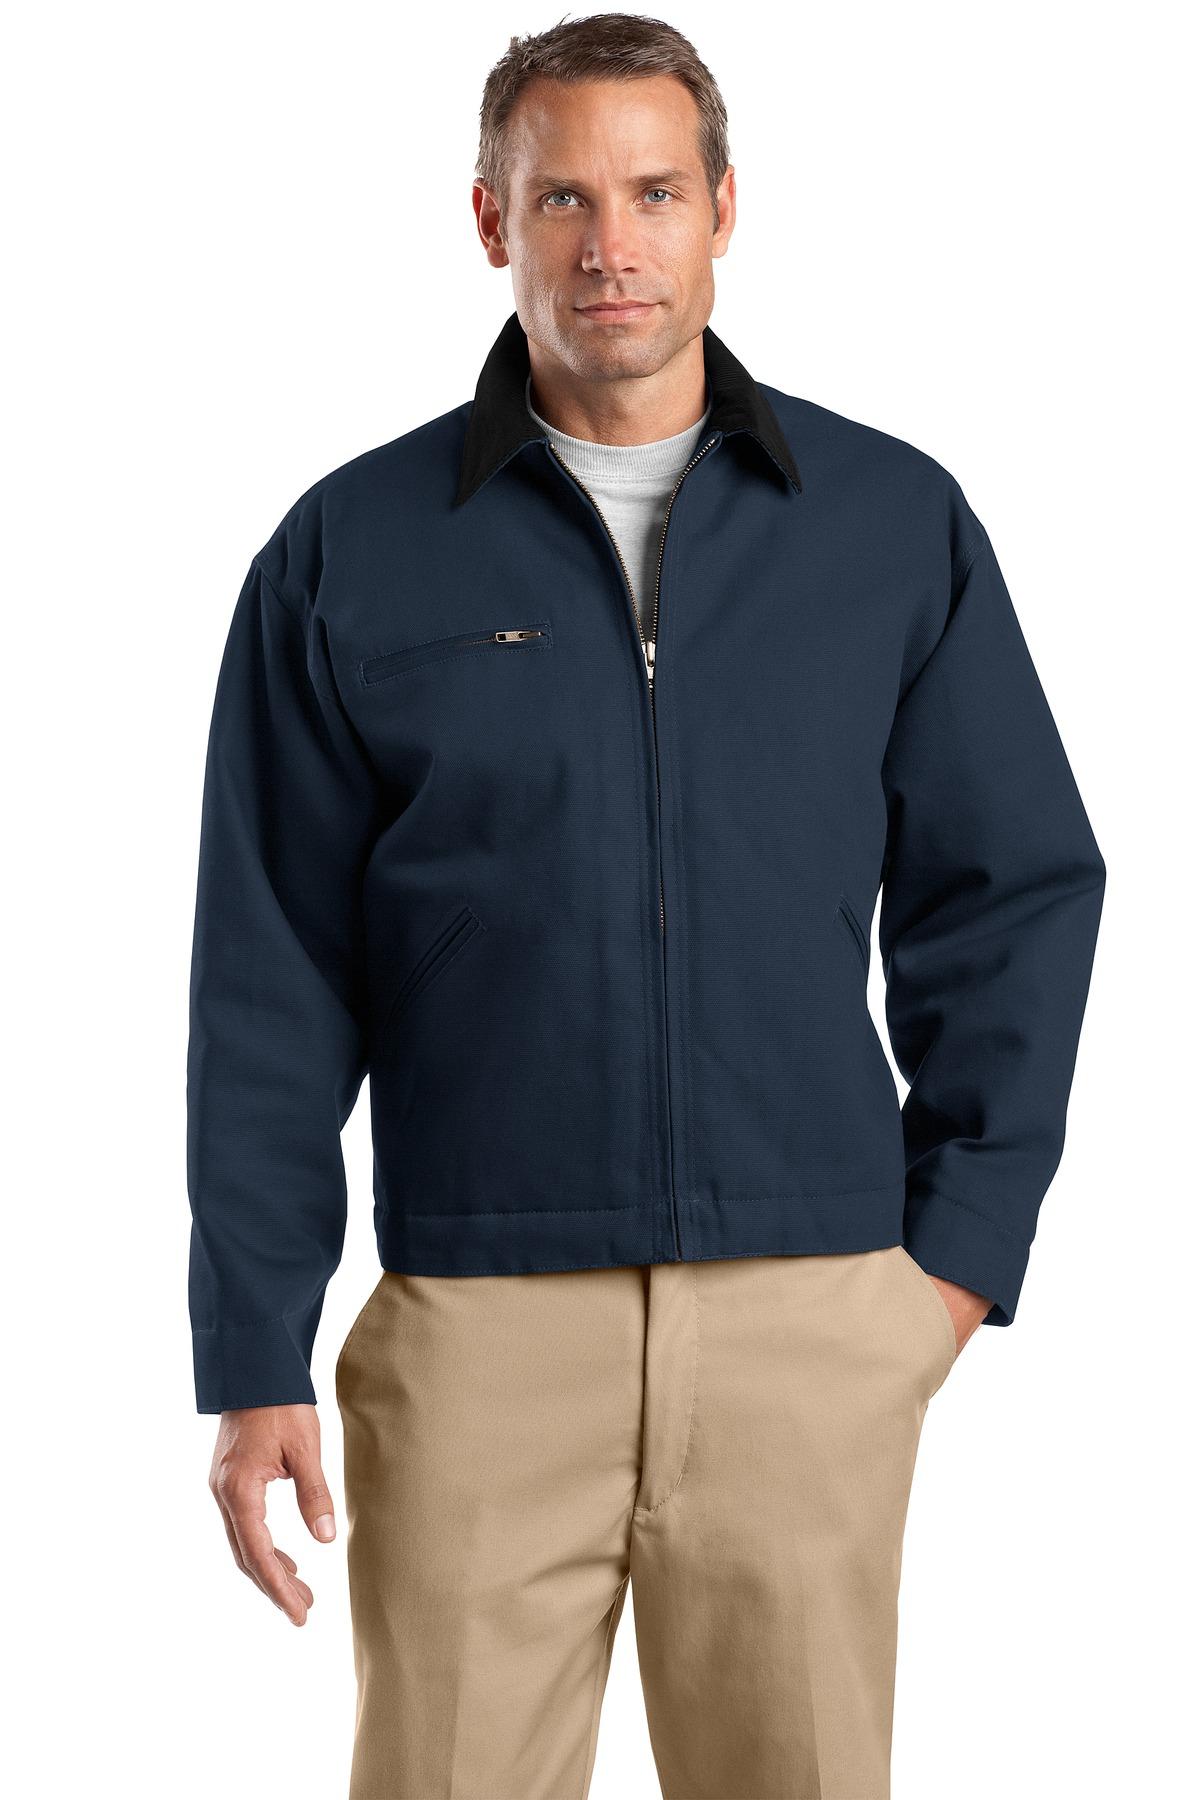 Outerwear-Work-Jackets-7